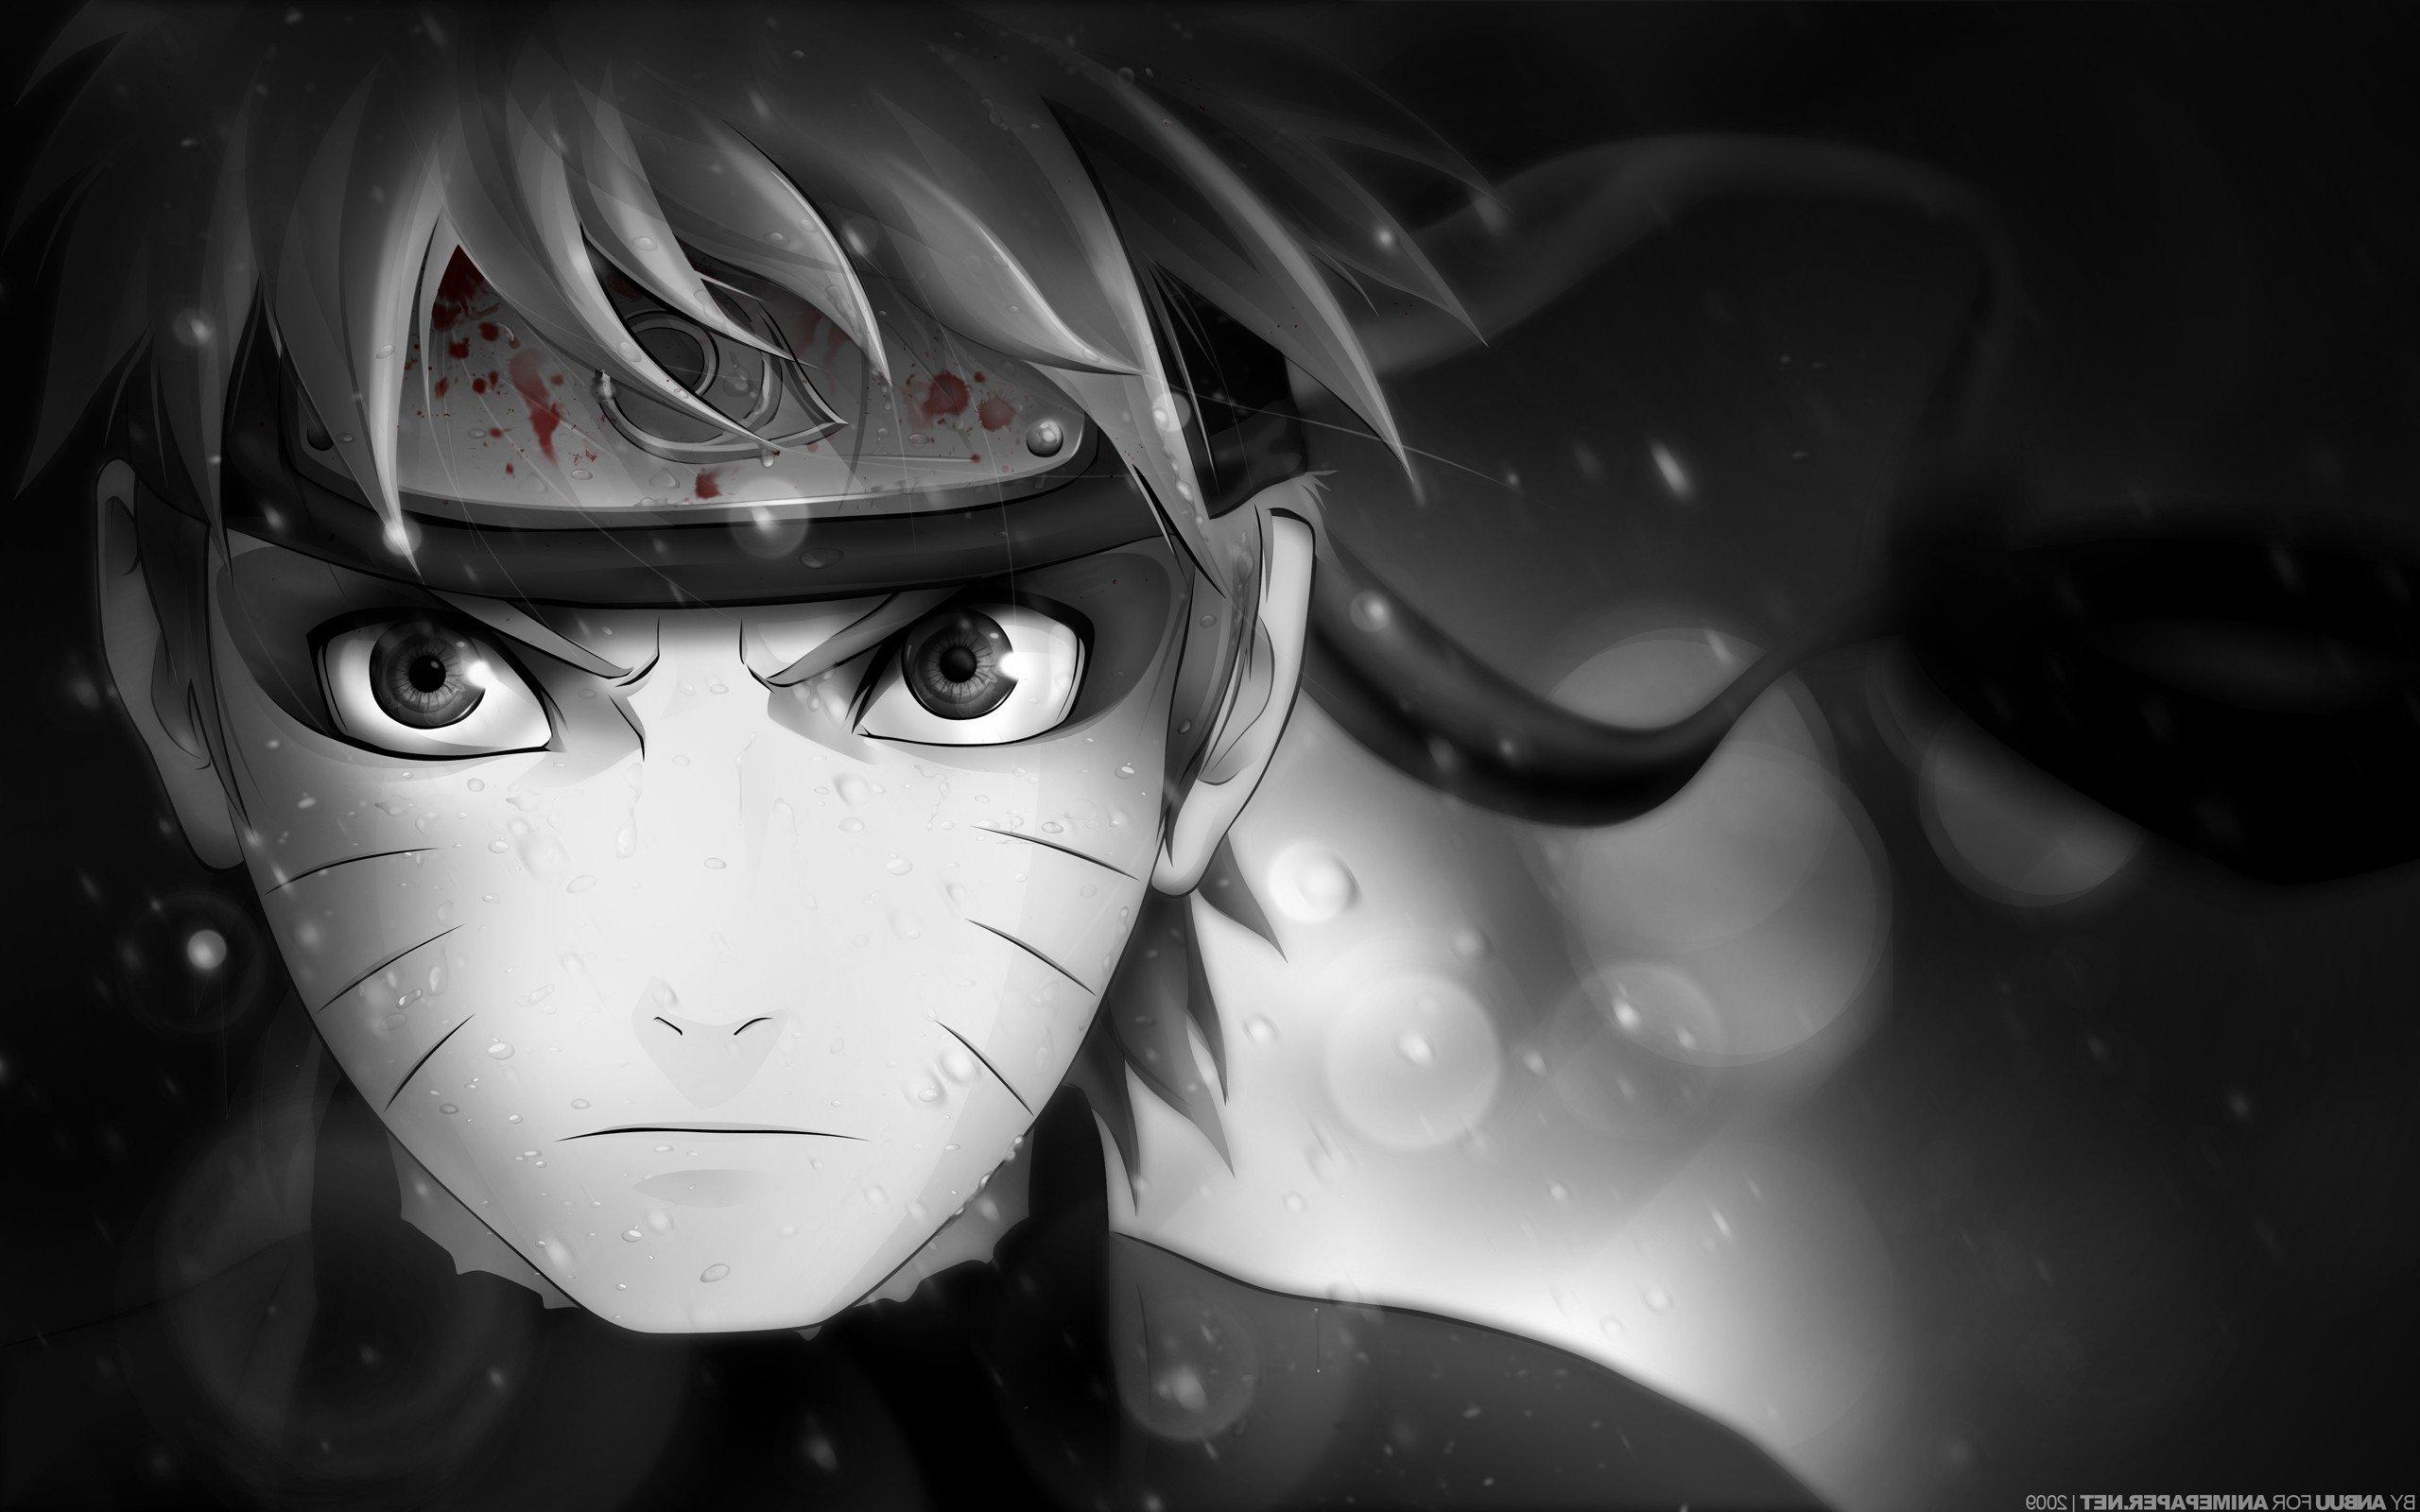 Naruto Shippuden Sage Mode Wallpaper Naruto: Shippuden anim...